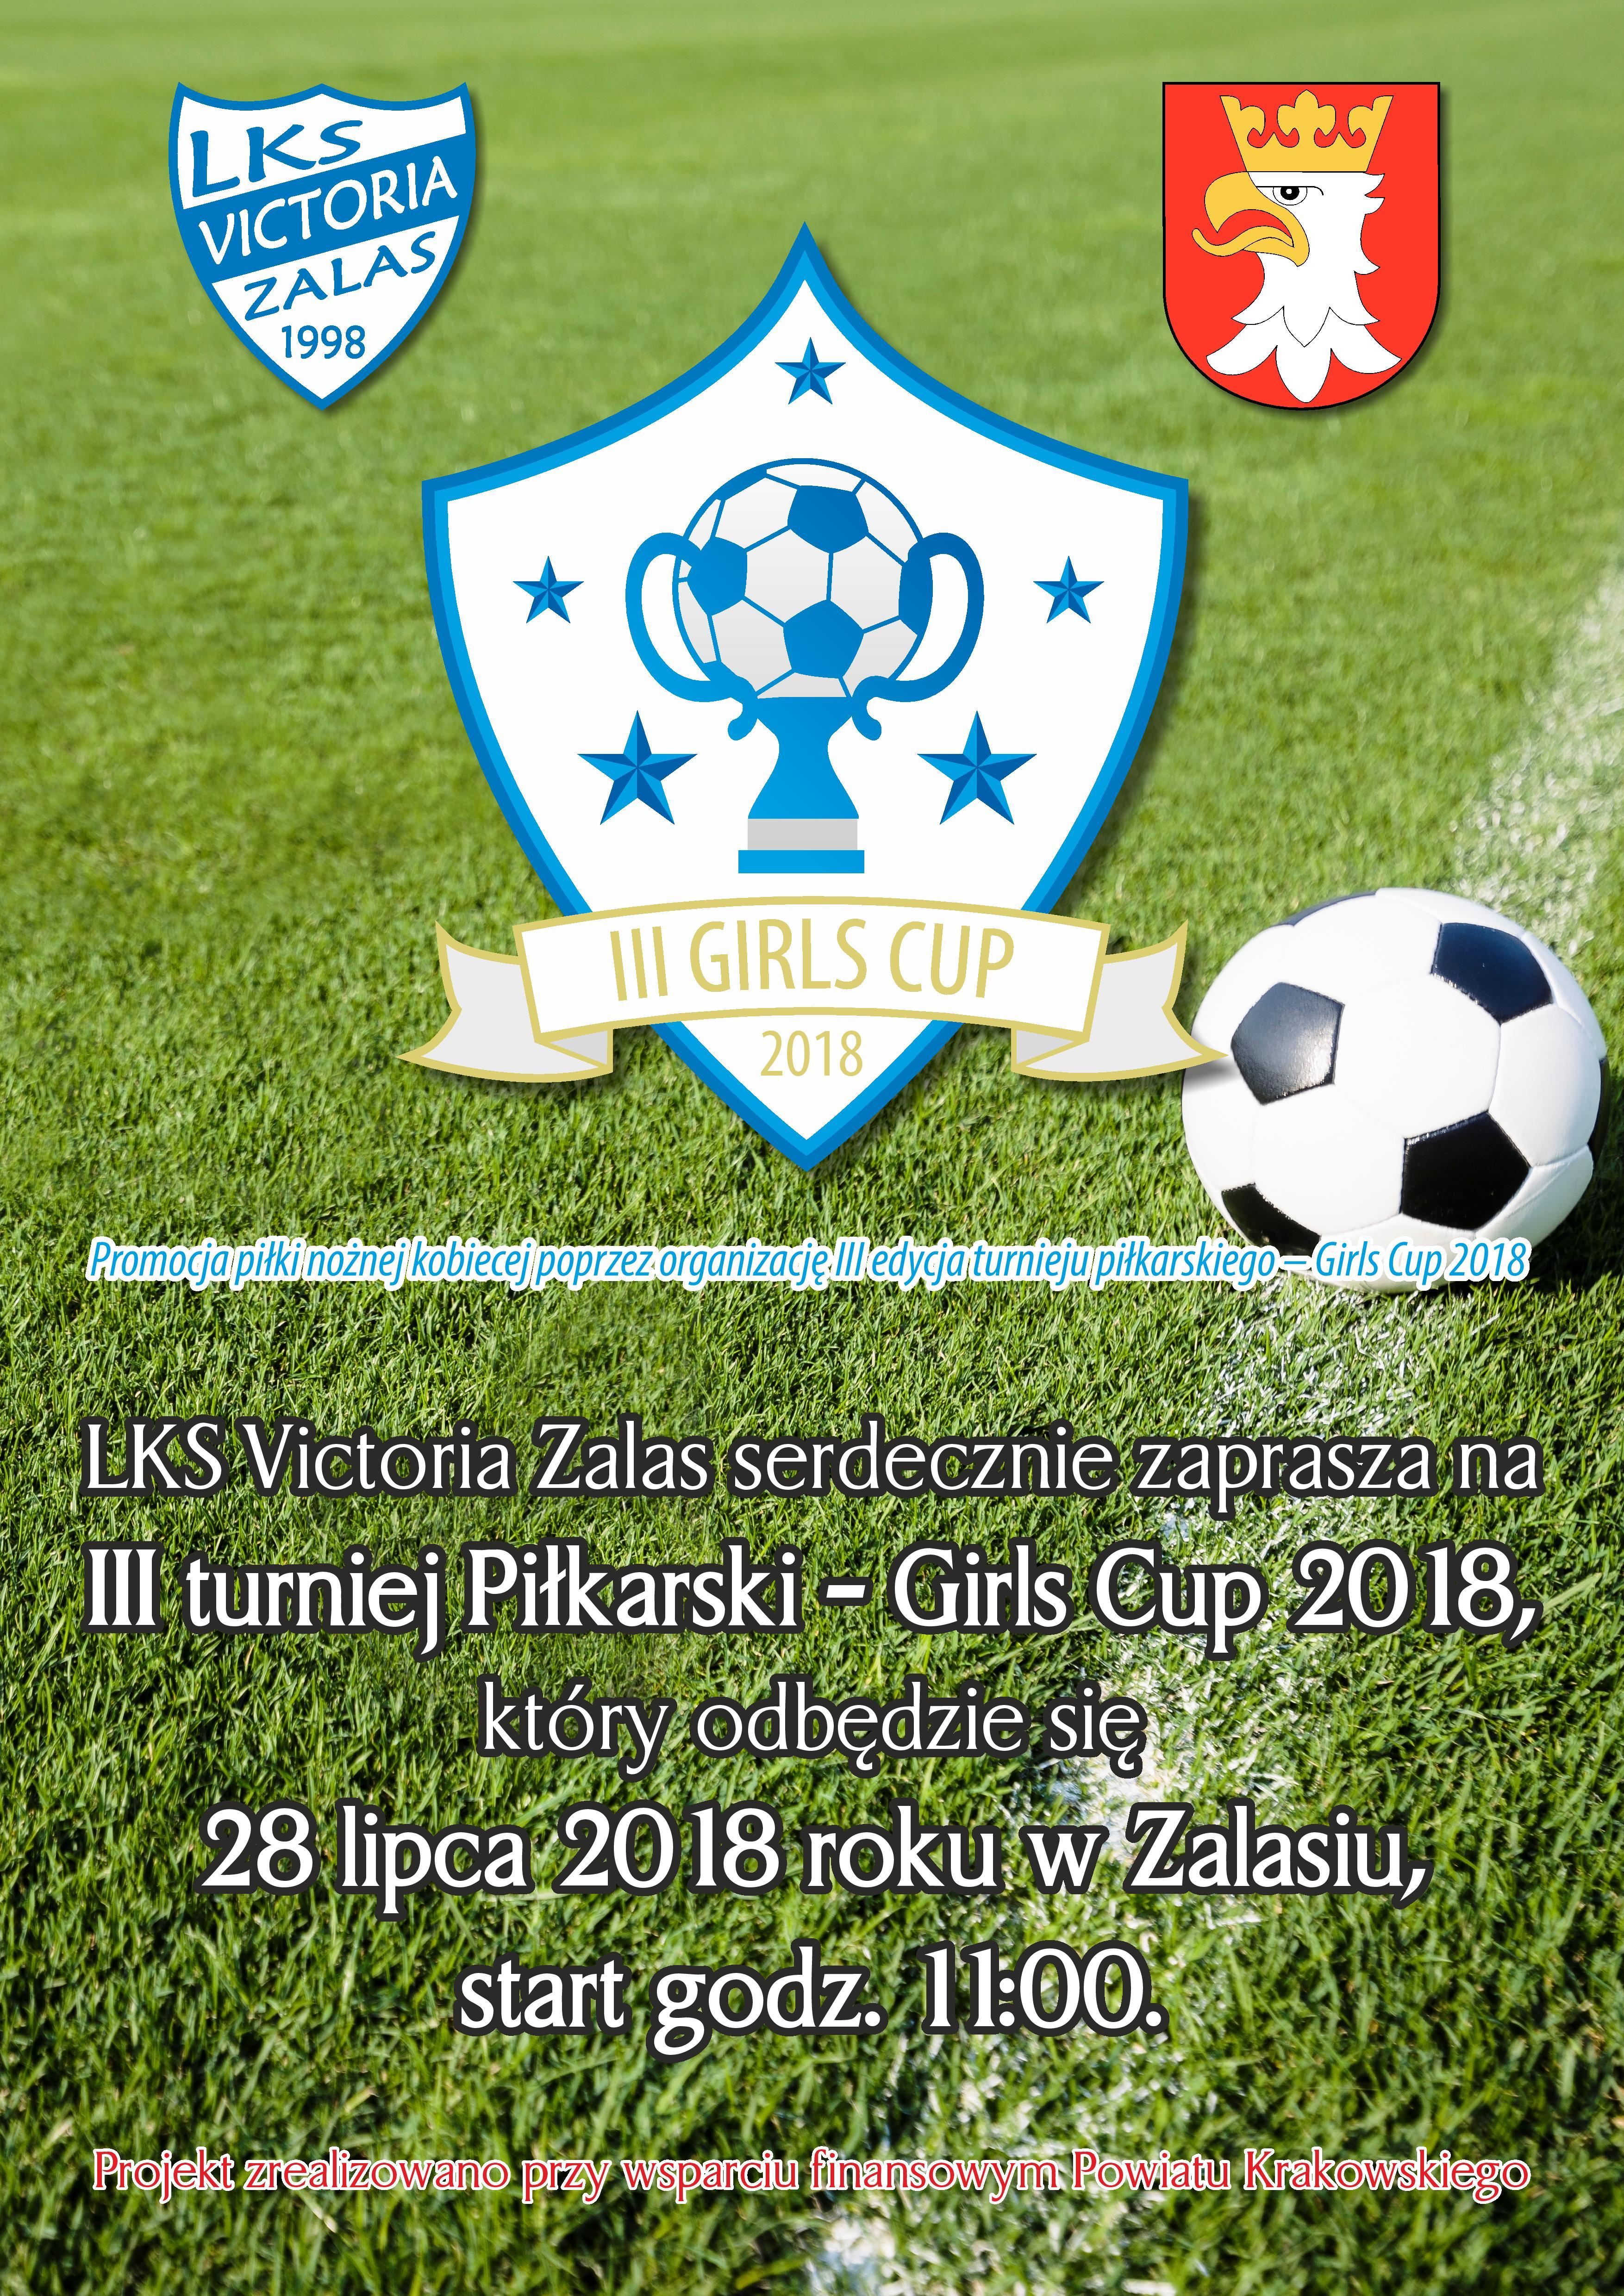 III Turniej Piłkarski - Girls Cup 2018 @ Zalas | małopolskie | Polska